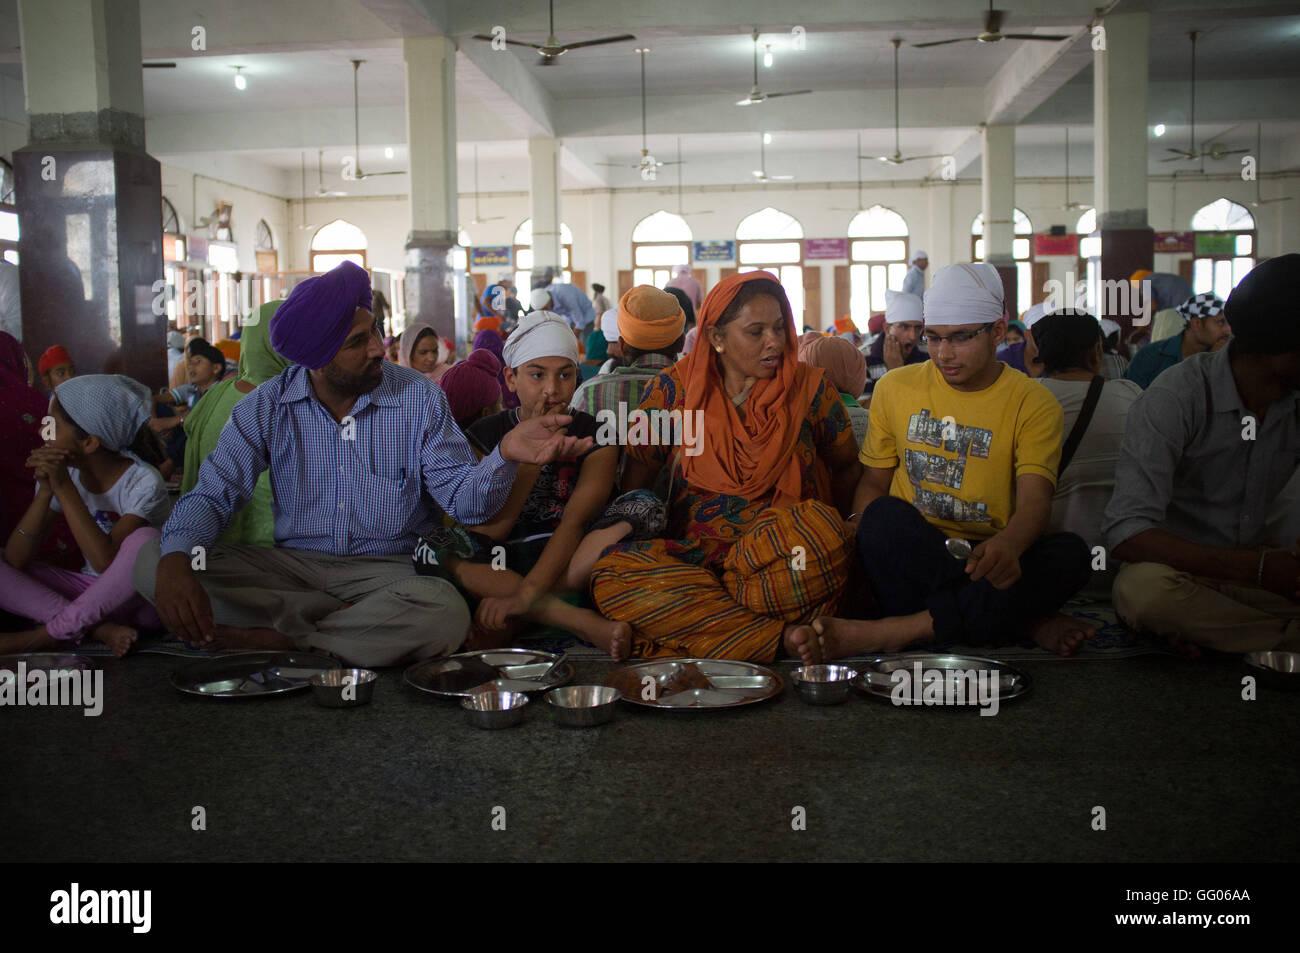 Amritsar, Punjab, en Inde. 12 mai, 2013. L'image de fichier - famille Sikh prêt à manger à la cantine du Temple Banque D'Images